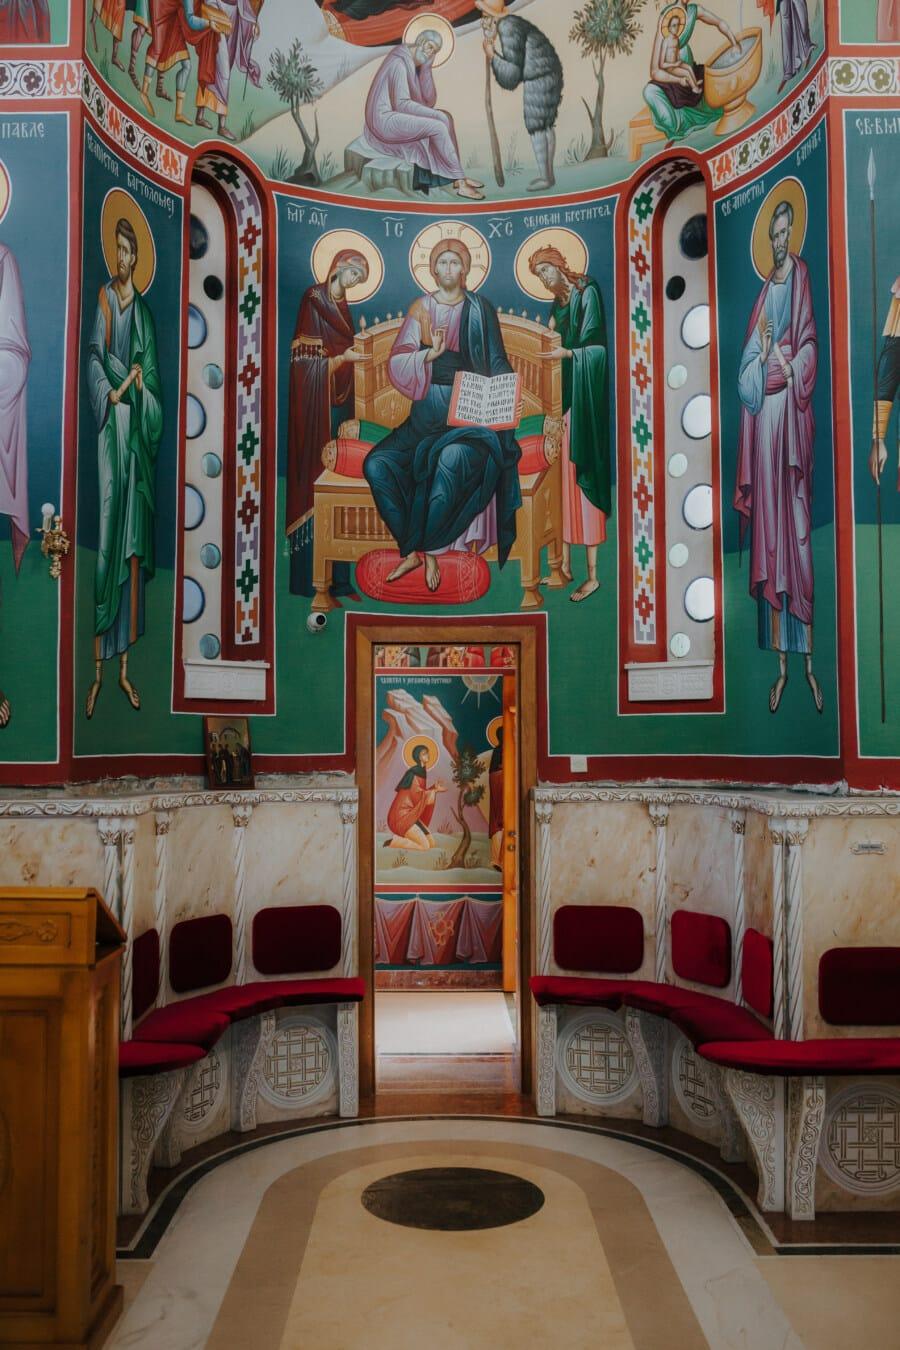 Kapelle, Kloster, orthodoxe, Abbildung, Bildende Kunst, Heilige, Interieur-design, Kirche, Stühle, handgefertigte